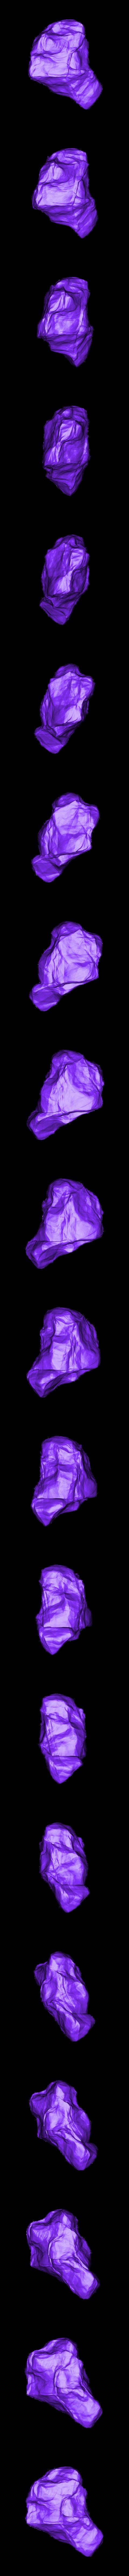 rock_SubTool1.stl Télécharger fichier STL gratuit Roches pour le wargame (collection de 18 roches haute résolution) • Design pour impression 3D, BREXIT